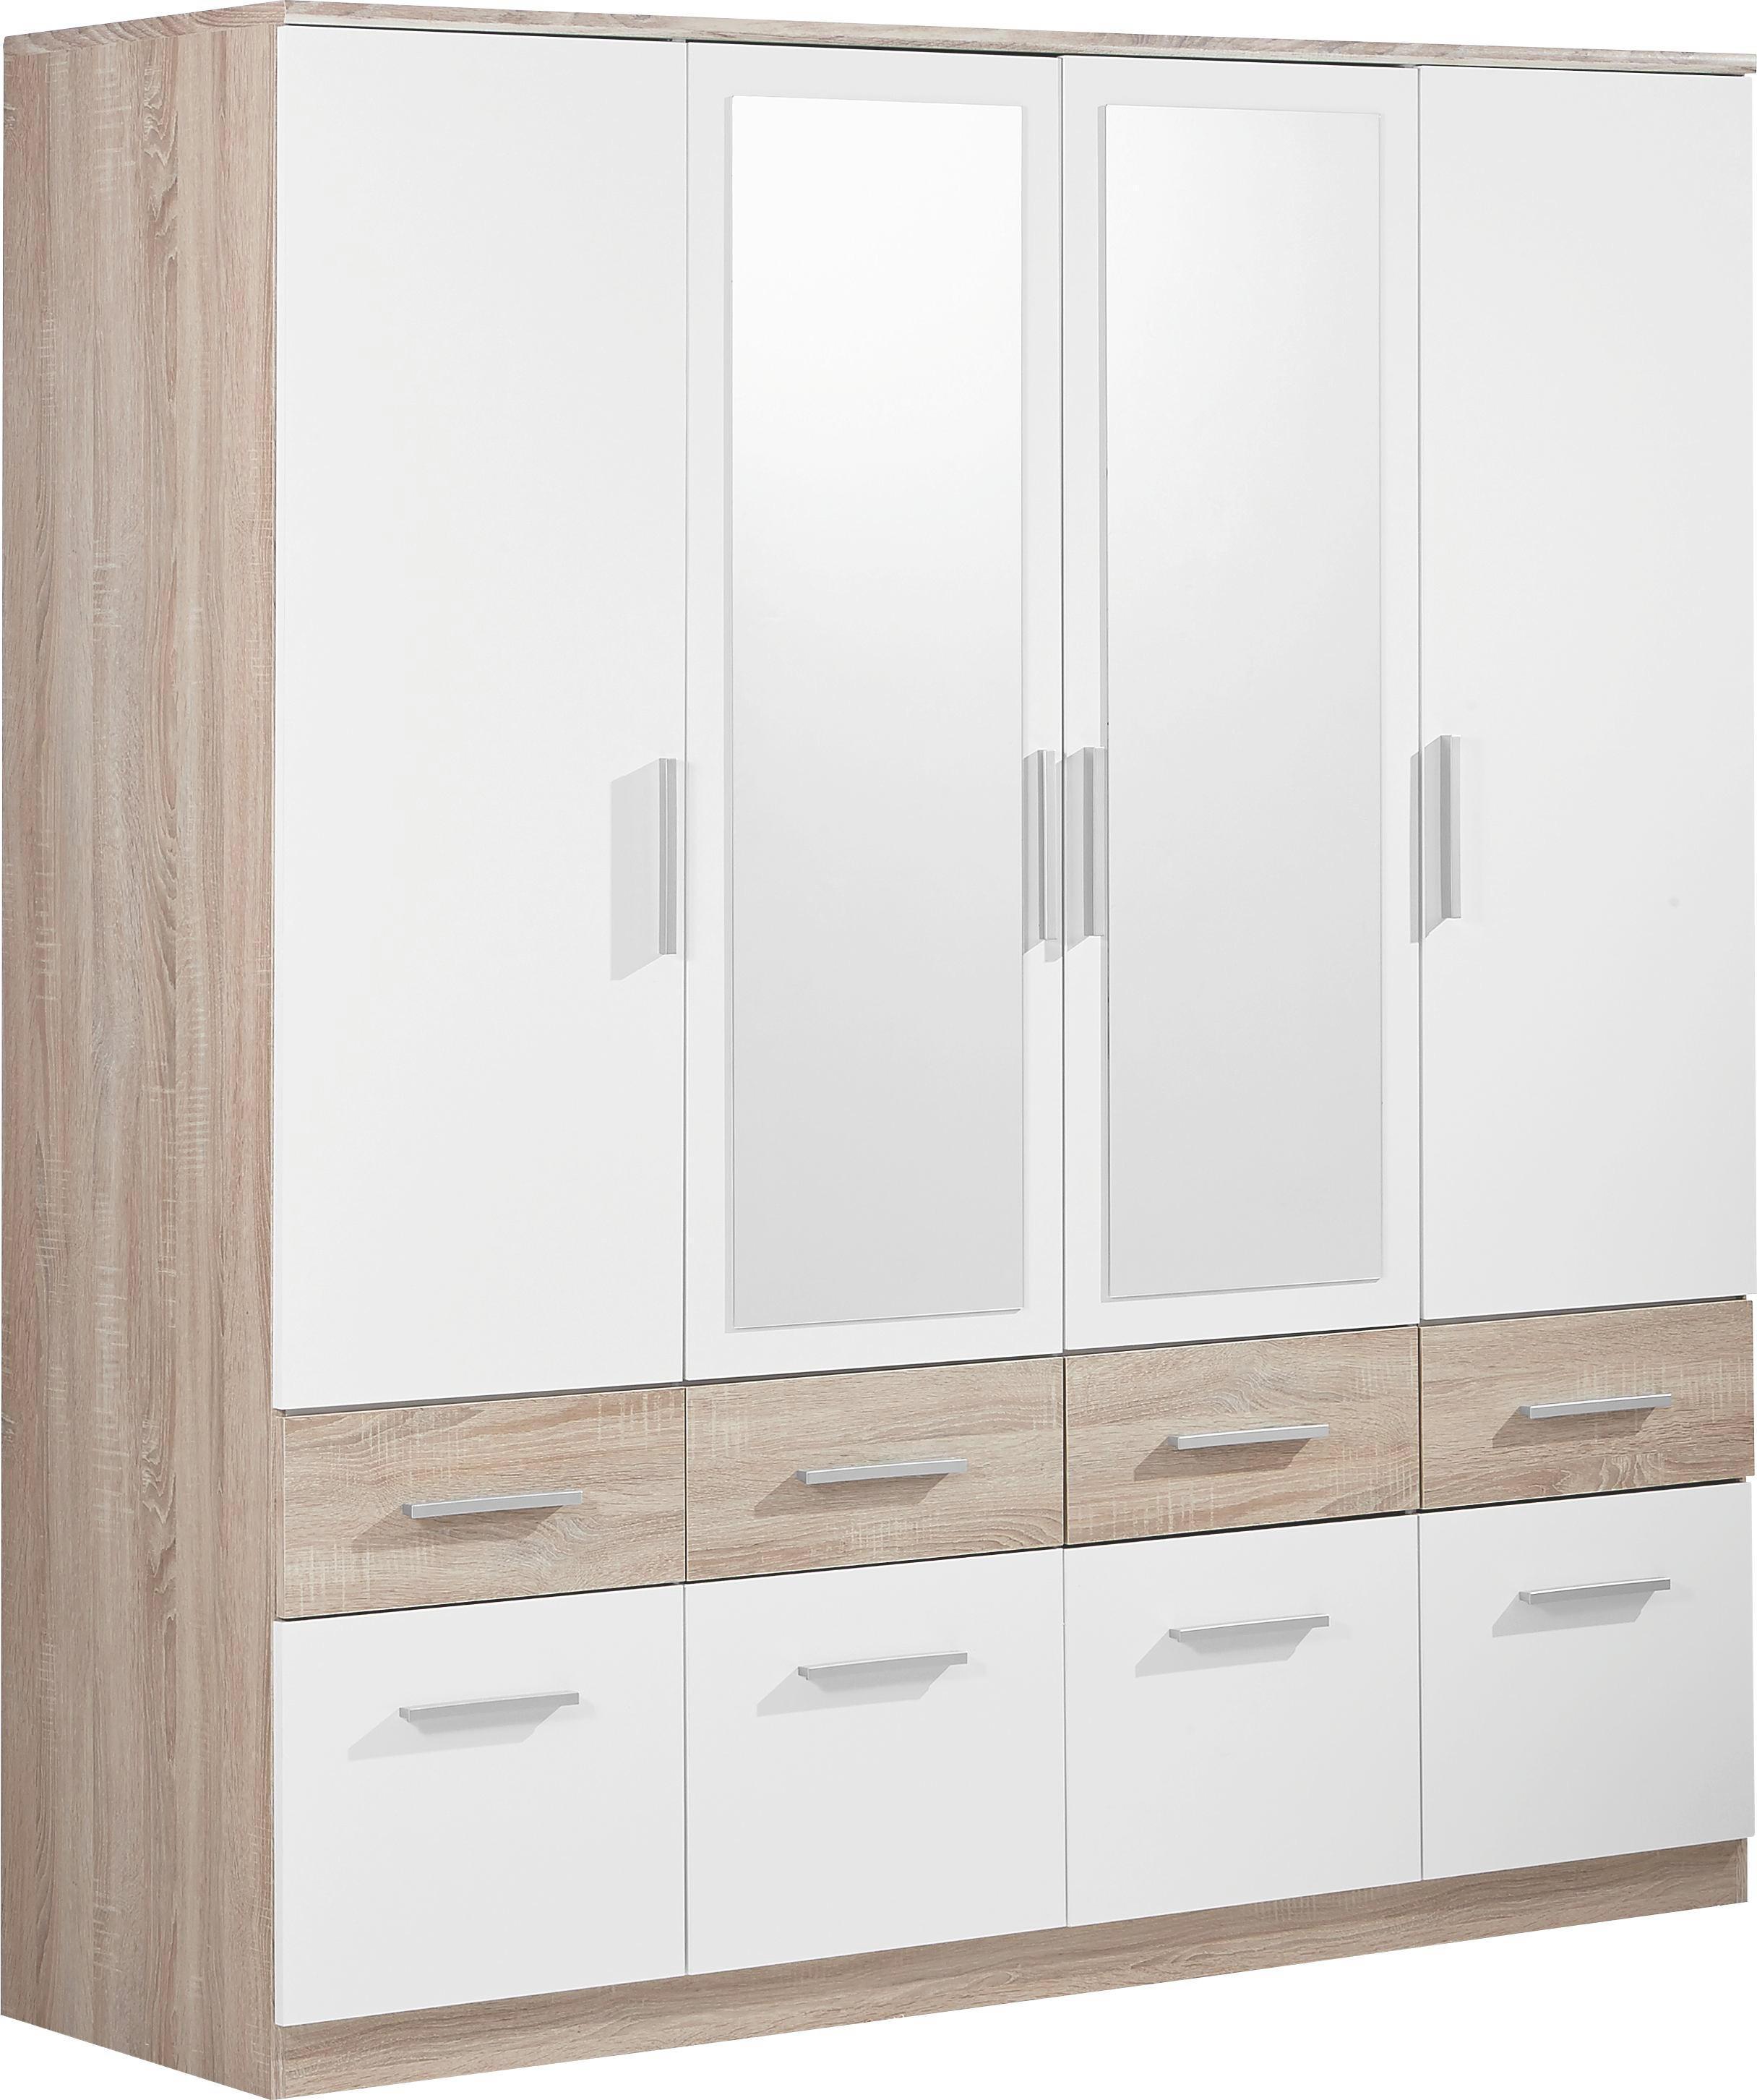 Kleiderschrank  Großer Kleiderschrank in Weiß mit Spiegel